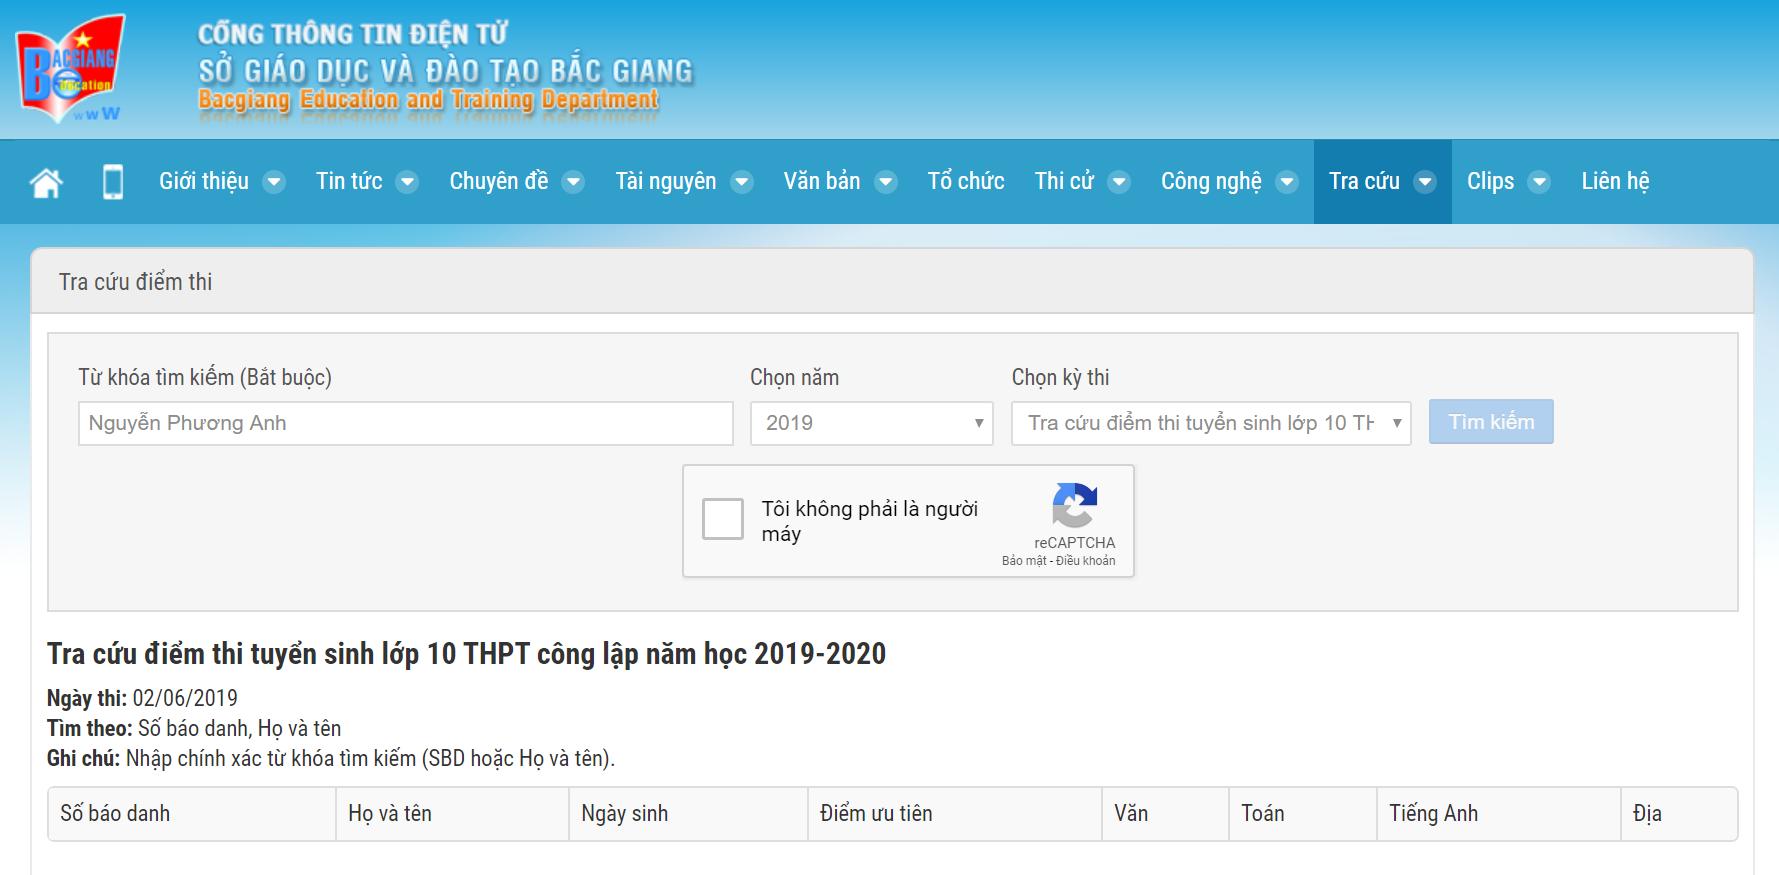 Bắc Giang chính thức công bố điểm thi vào lớp 10 năm 2019